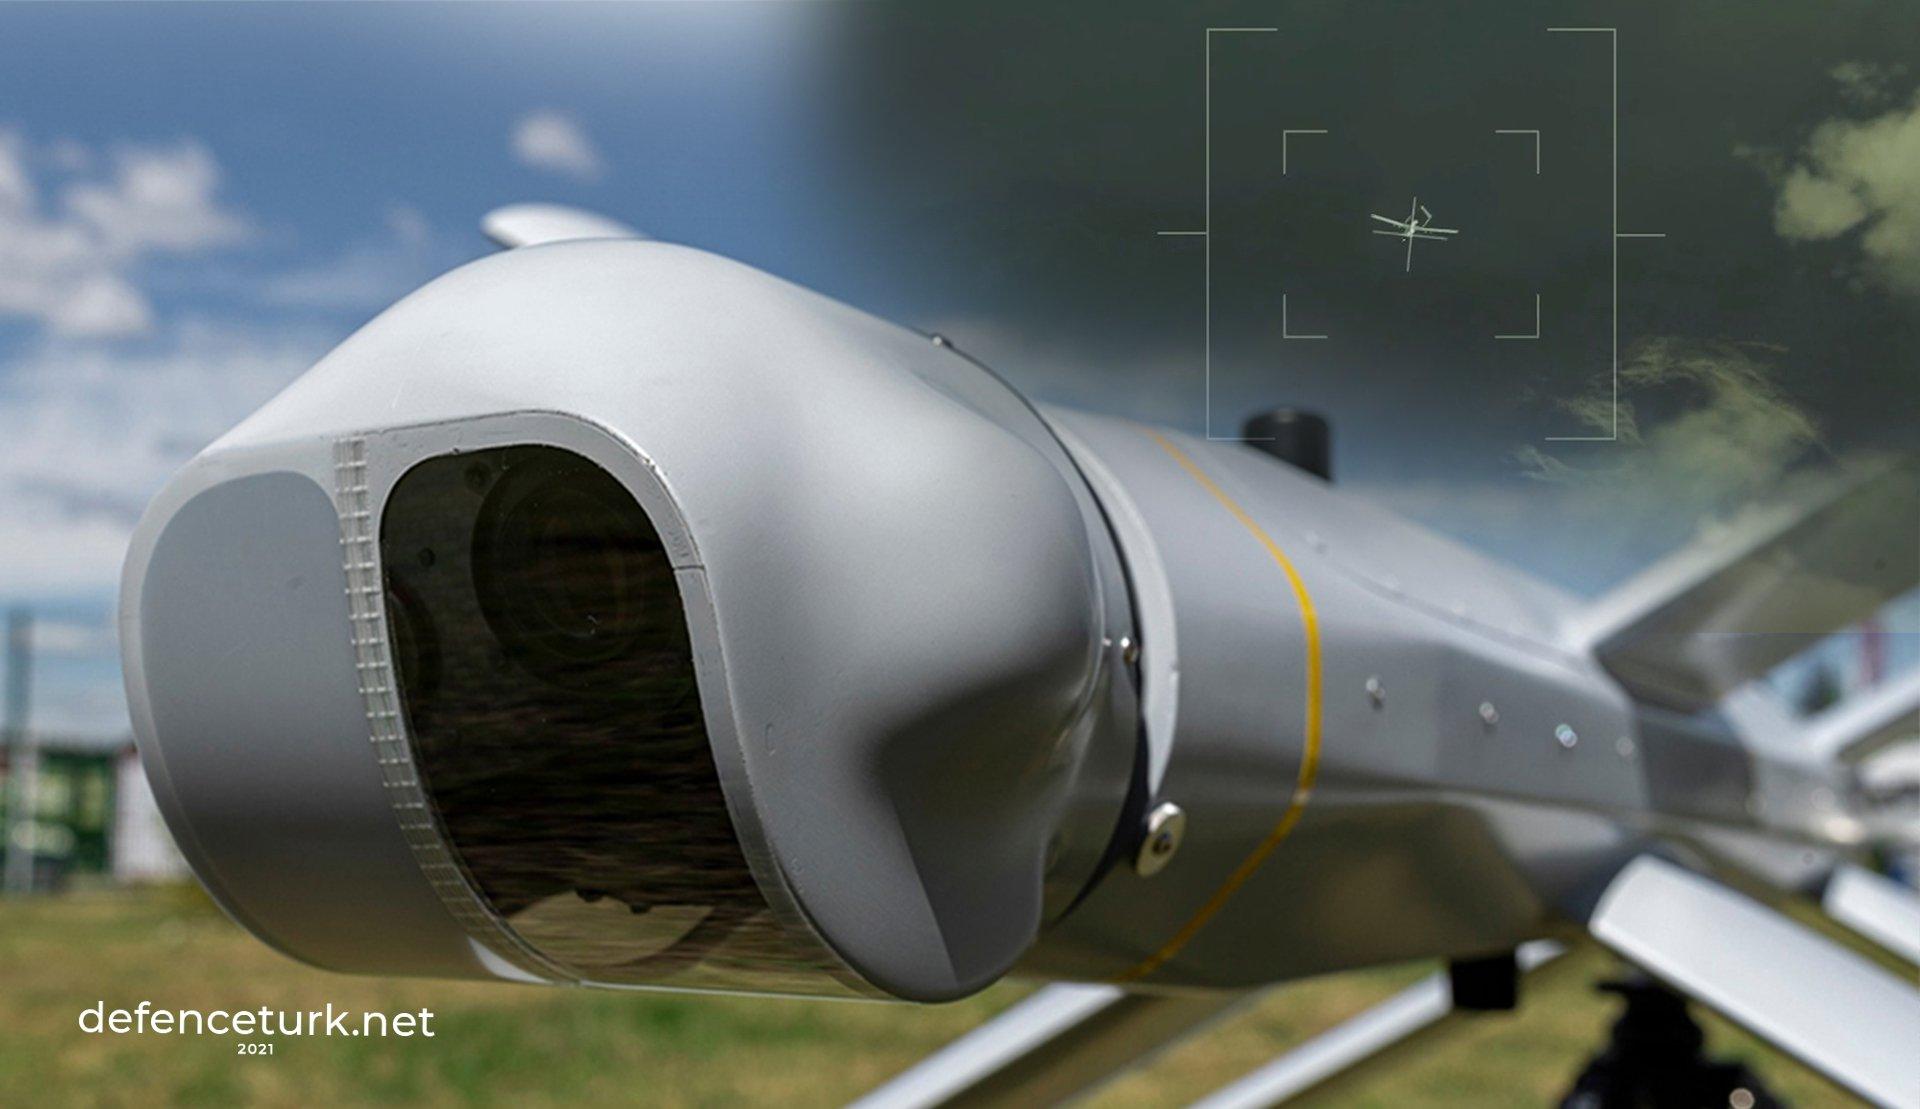 Rusya kamikaze İHA'sını Bayraktar TB2'yi hedef göstererek tanıtıyor | DefenceTurk